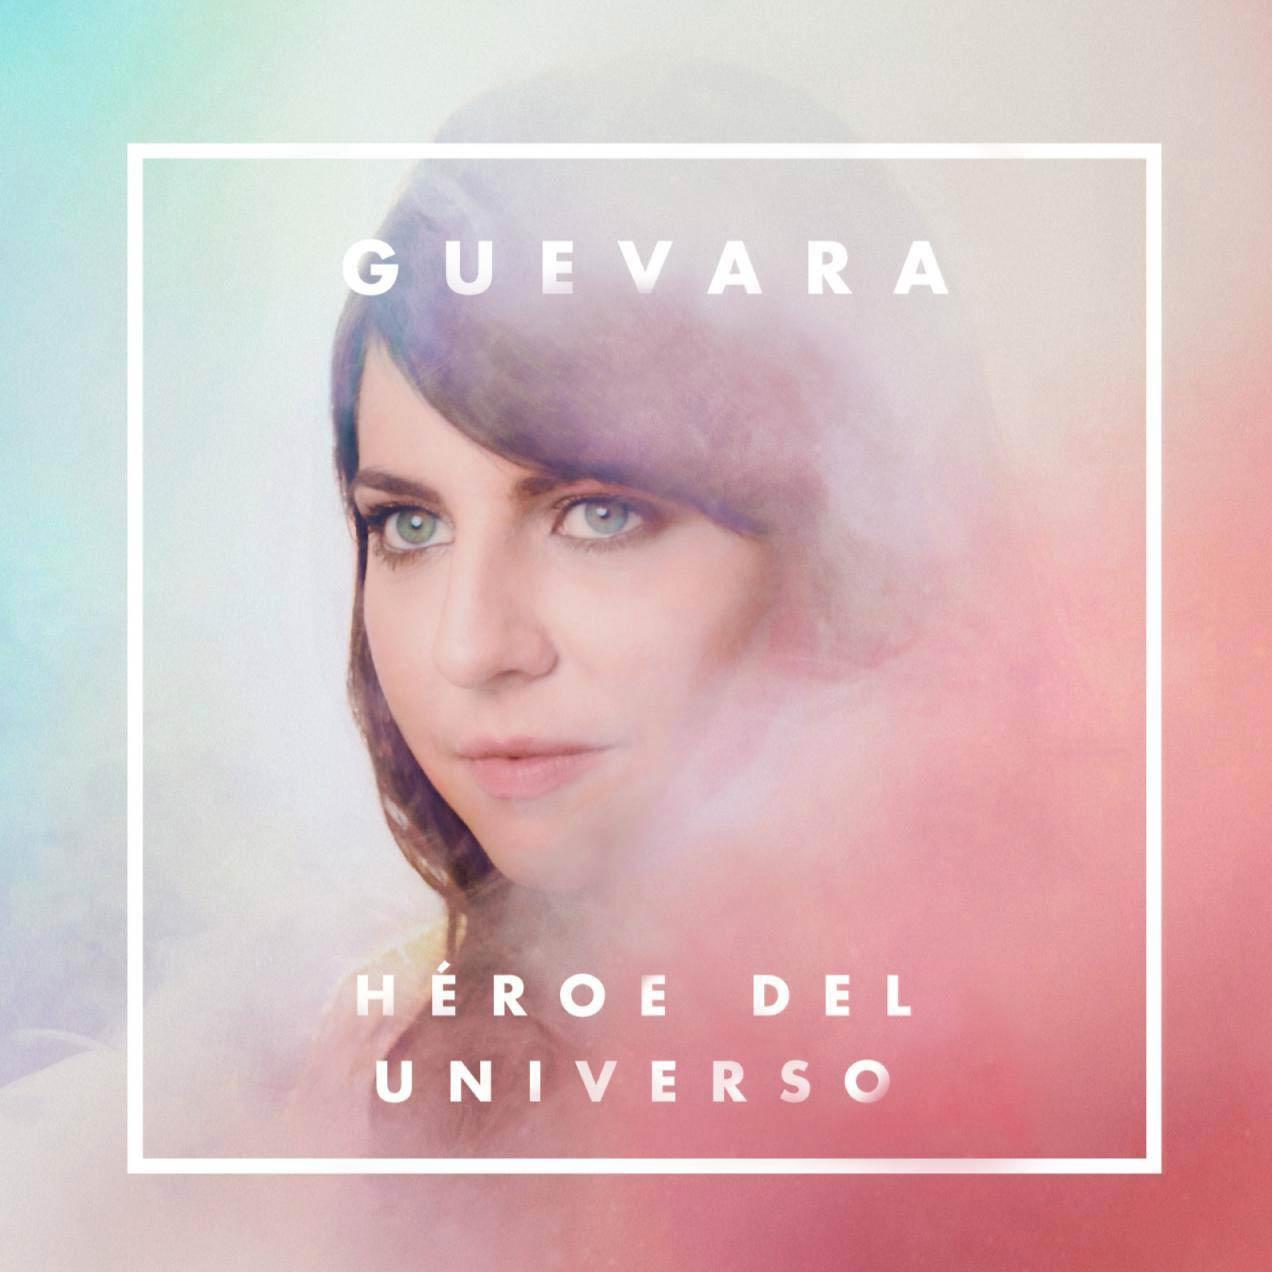 guevara_heroe_del_universo-portada dans Espagne